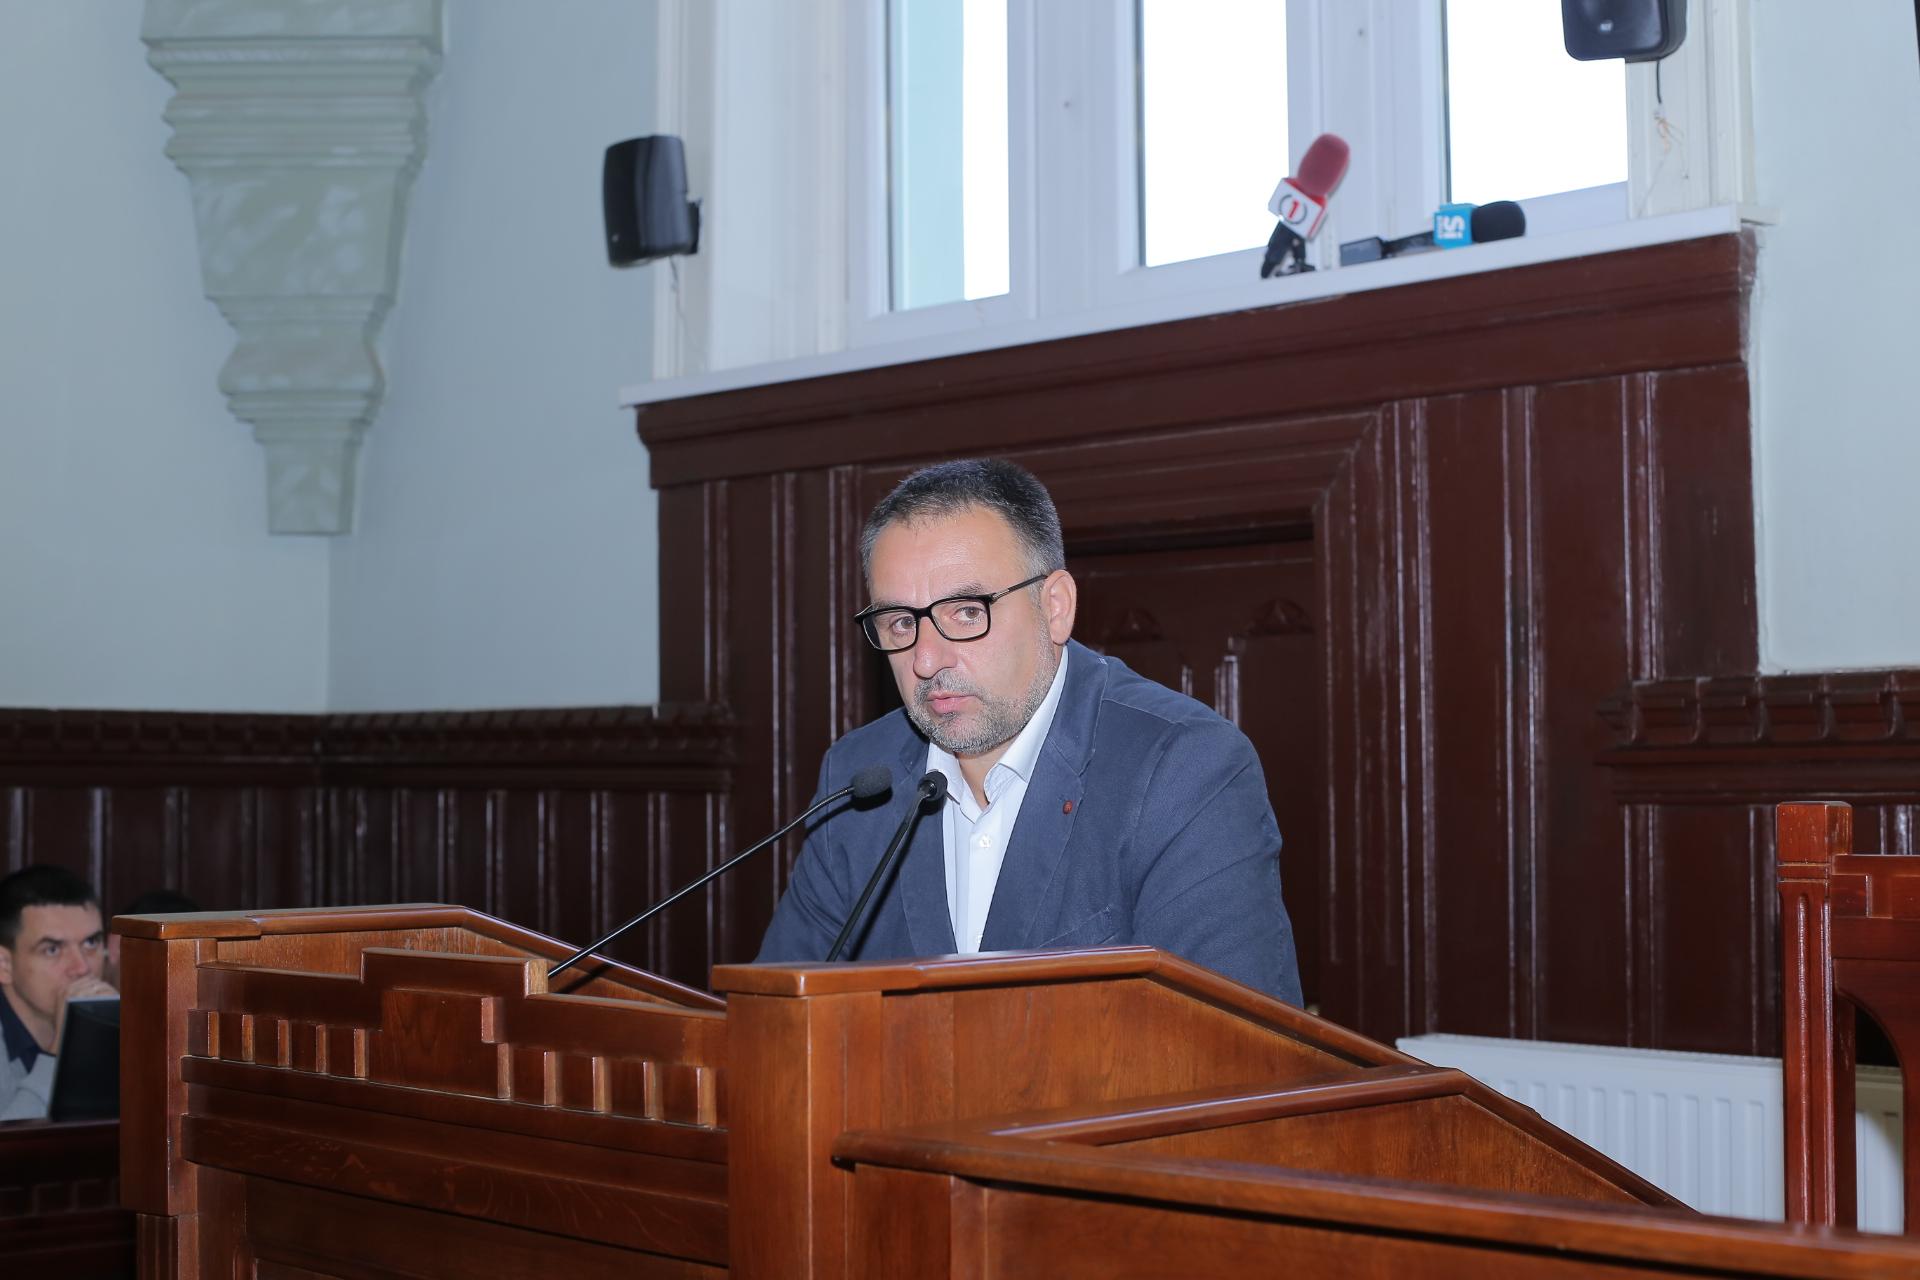 Адреси найбільших боржників Мукачева з'являться на білбордах міста